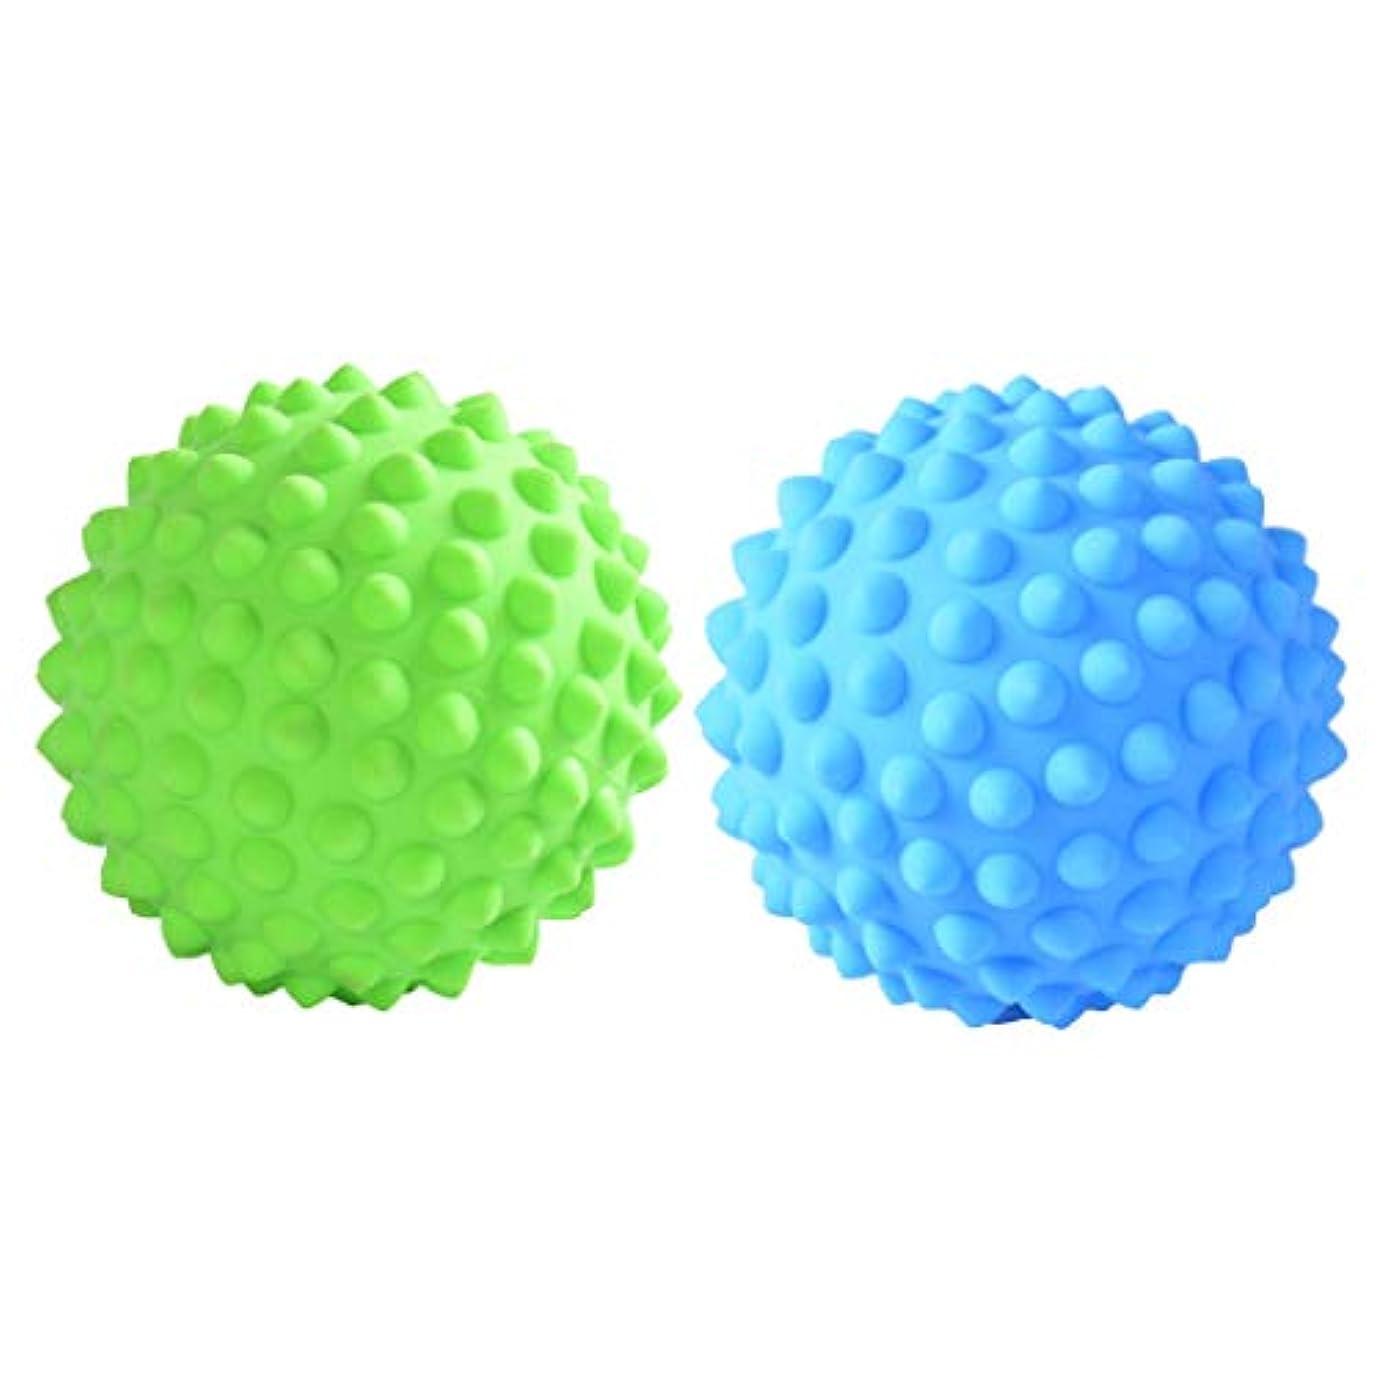 ピッチ不安定怒るchiwanji マッサージローラーボール 指圧ボール トリガーポイント 疲れ解消ボール ヨガ 疲労軽減 2個入